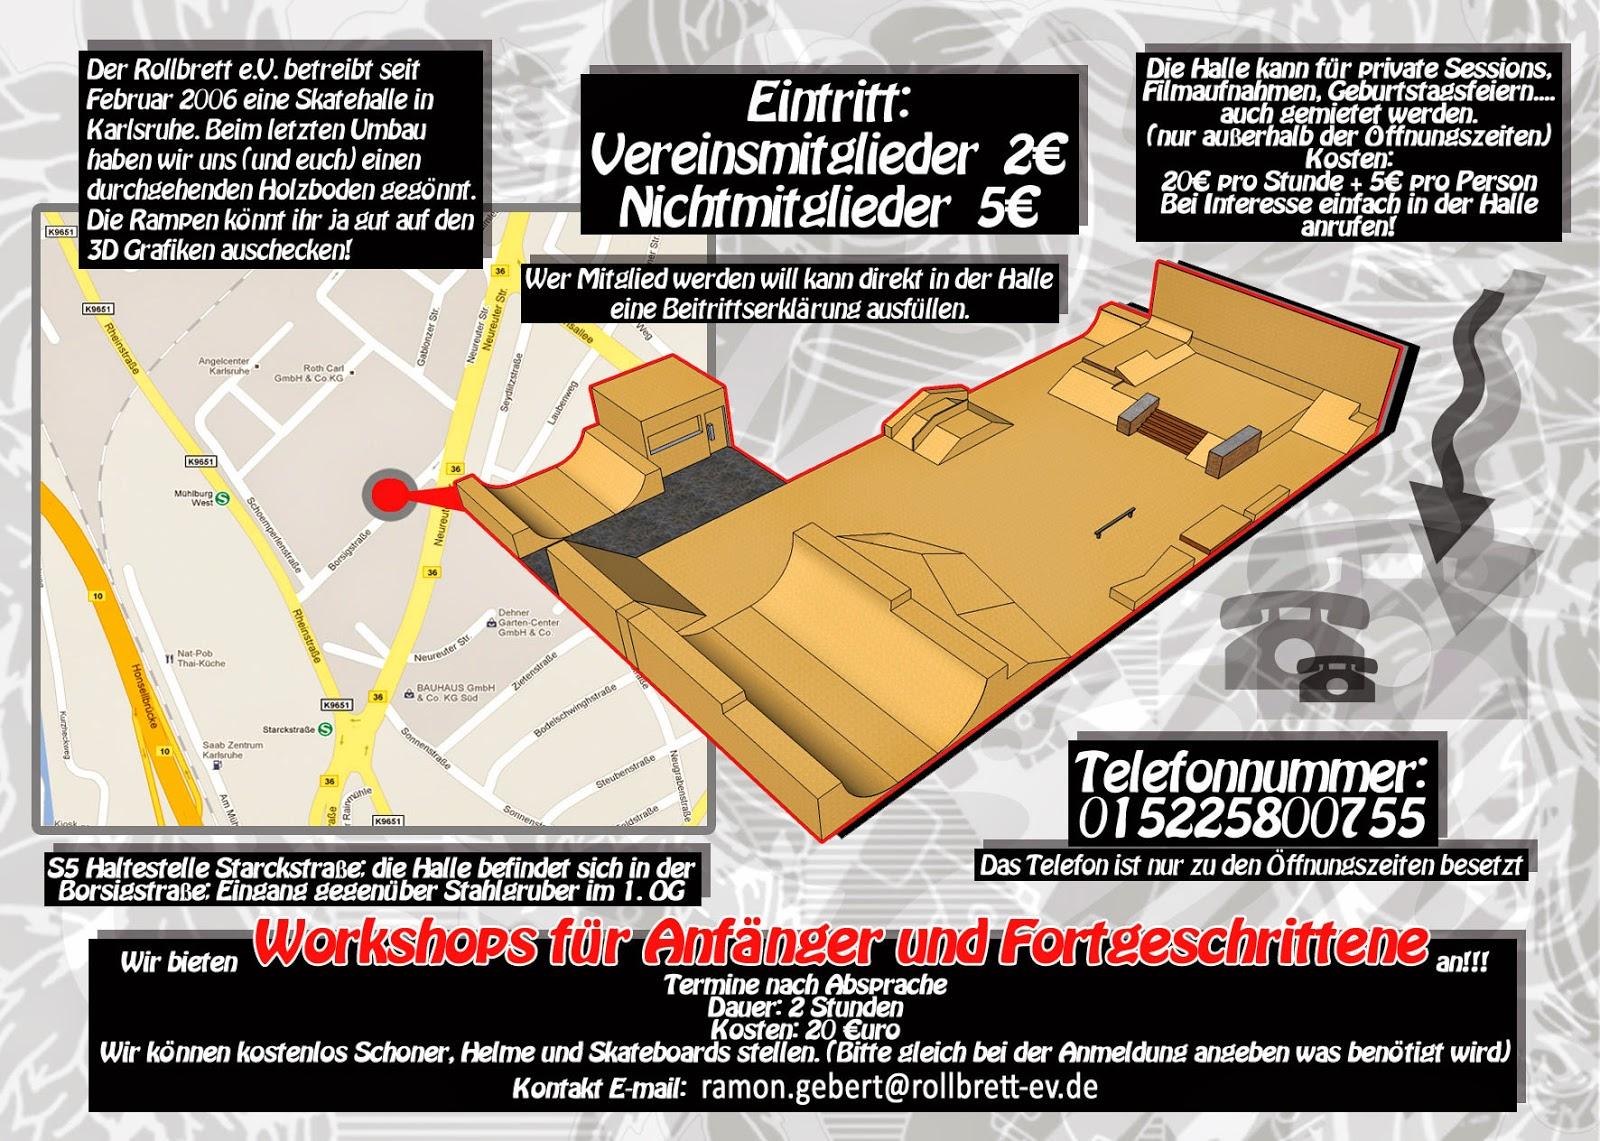 Rollbrett Bauhaus rollbrett e v karlsruhe workshops